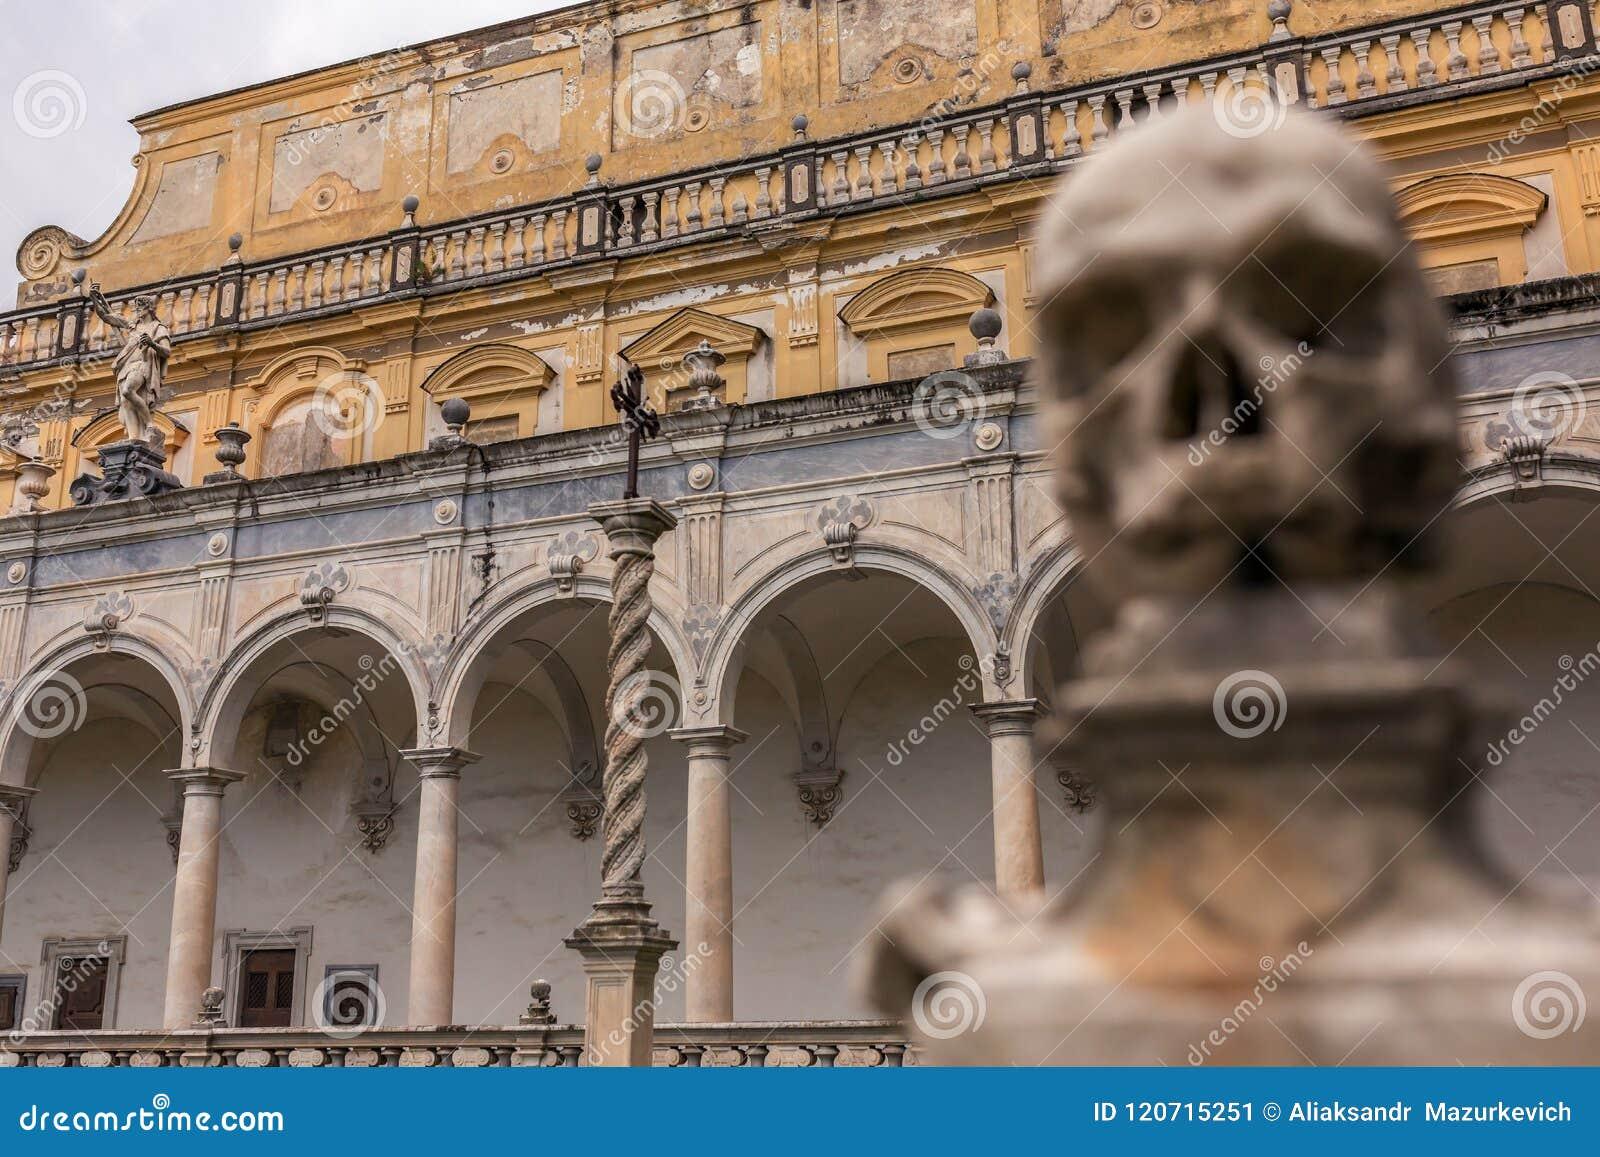 Um dos crânios na cerca do monastério Certosa di San Martino em Nápoles